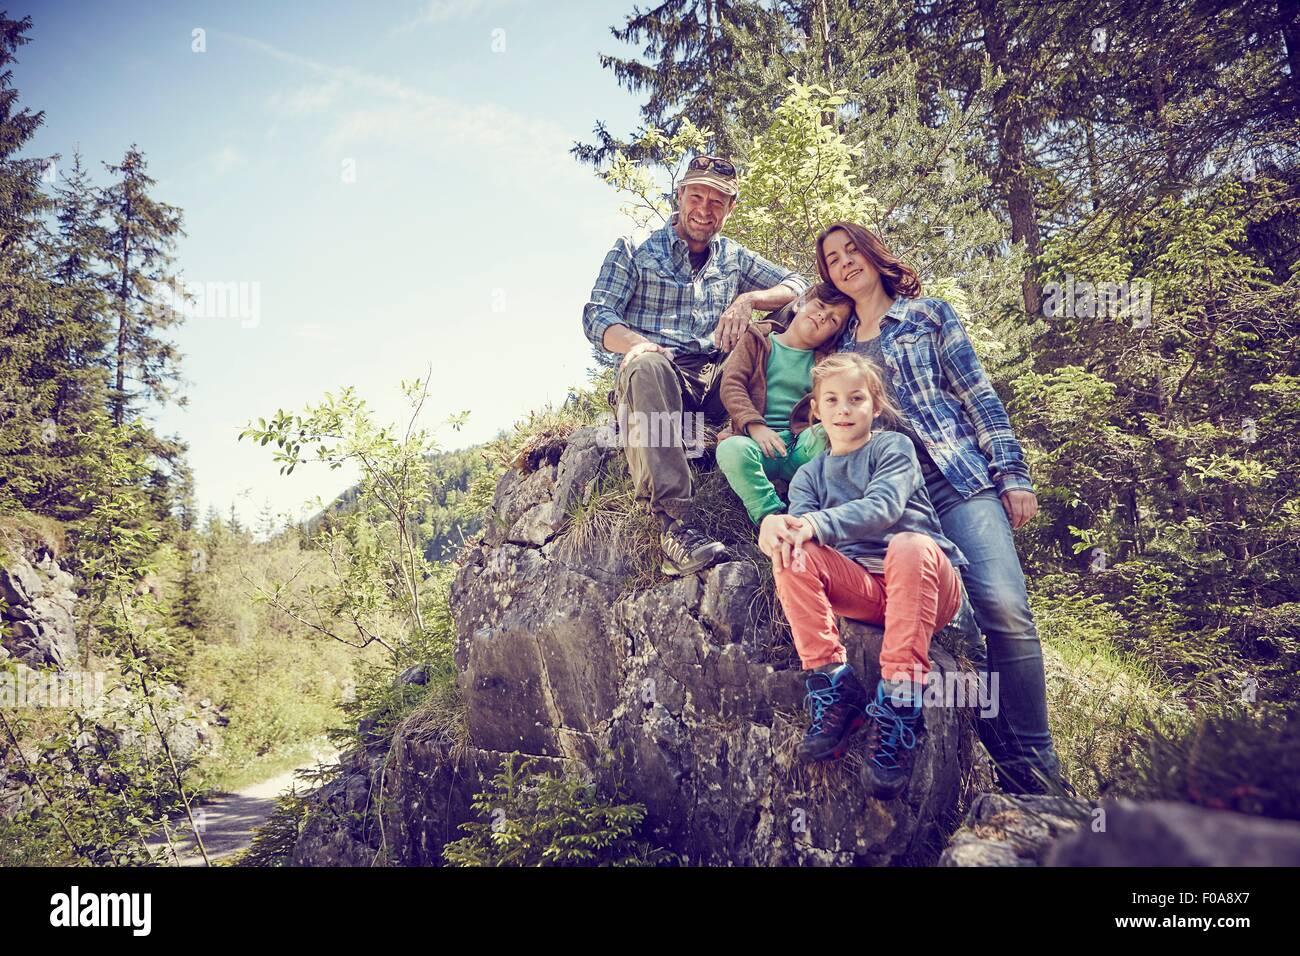 Retrato de familia sentado sobre una roca en el bosque Imagen De Stock